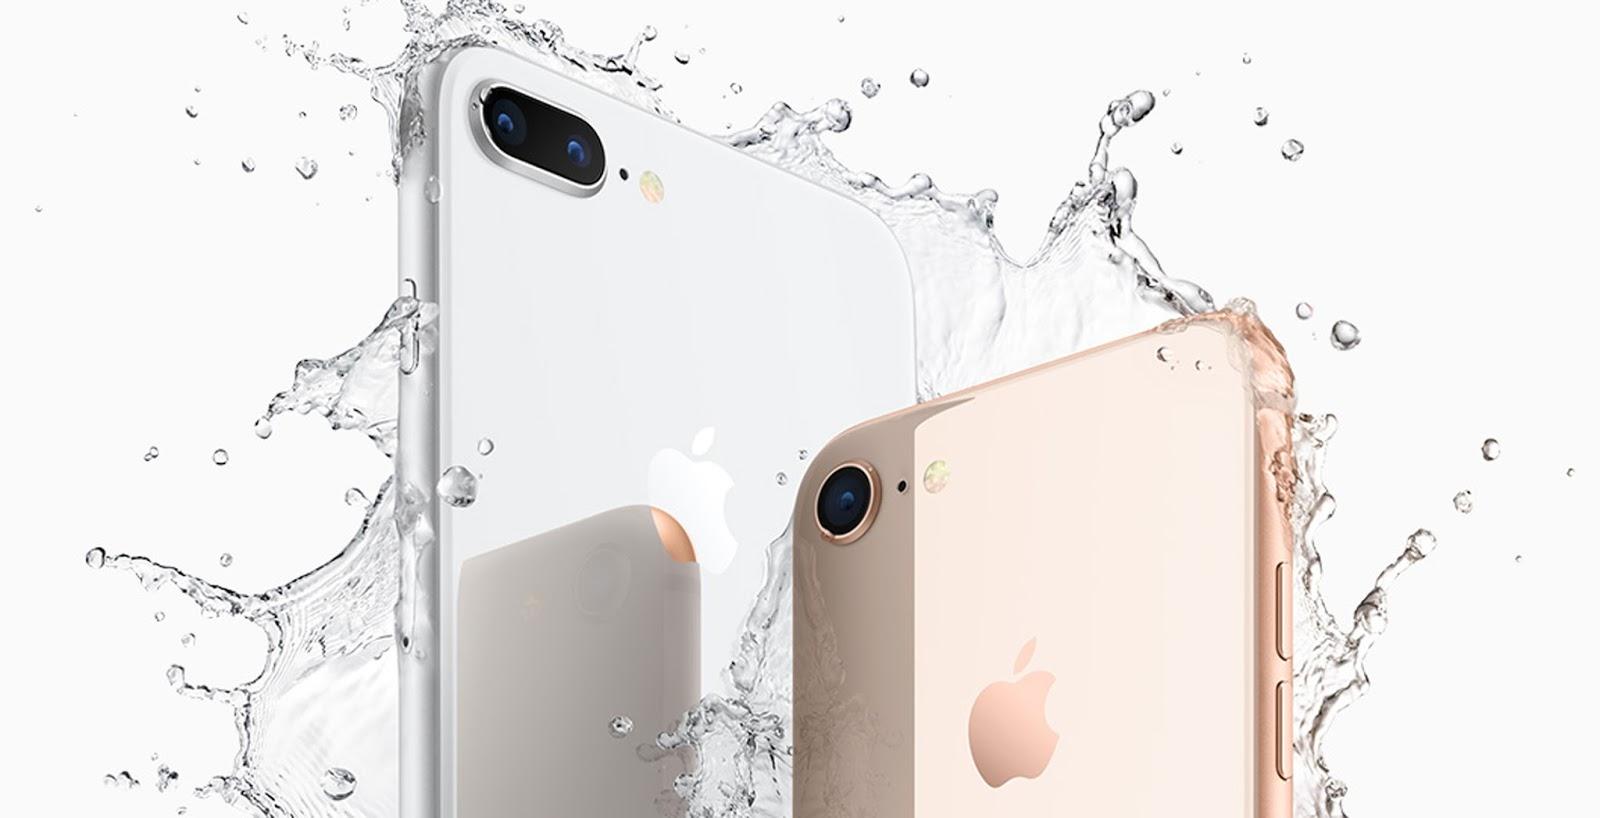 Iphone X dan Iphone 8 Perbarui Nirkabel Pengisian Daya